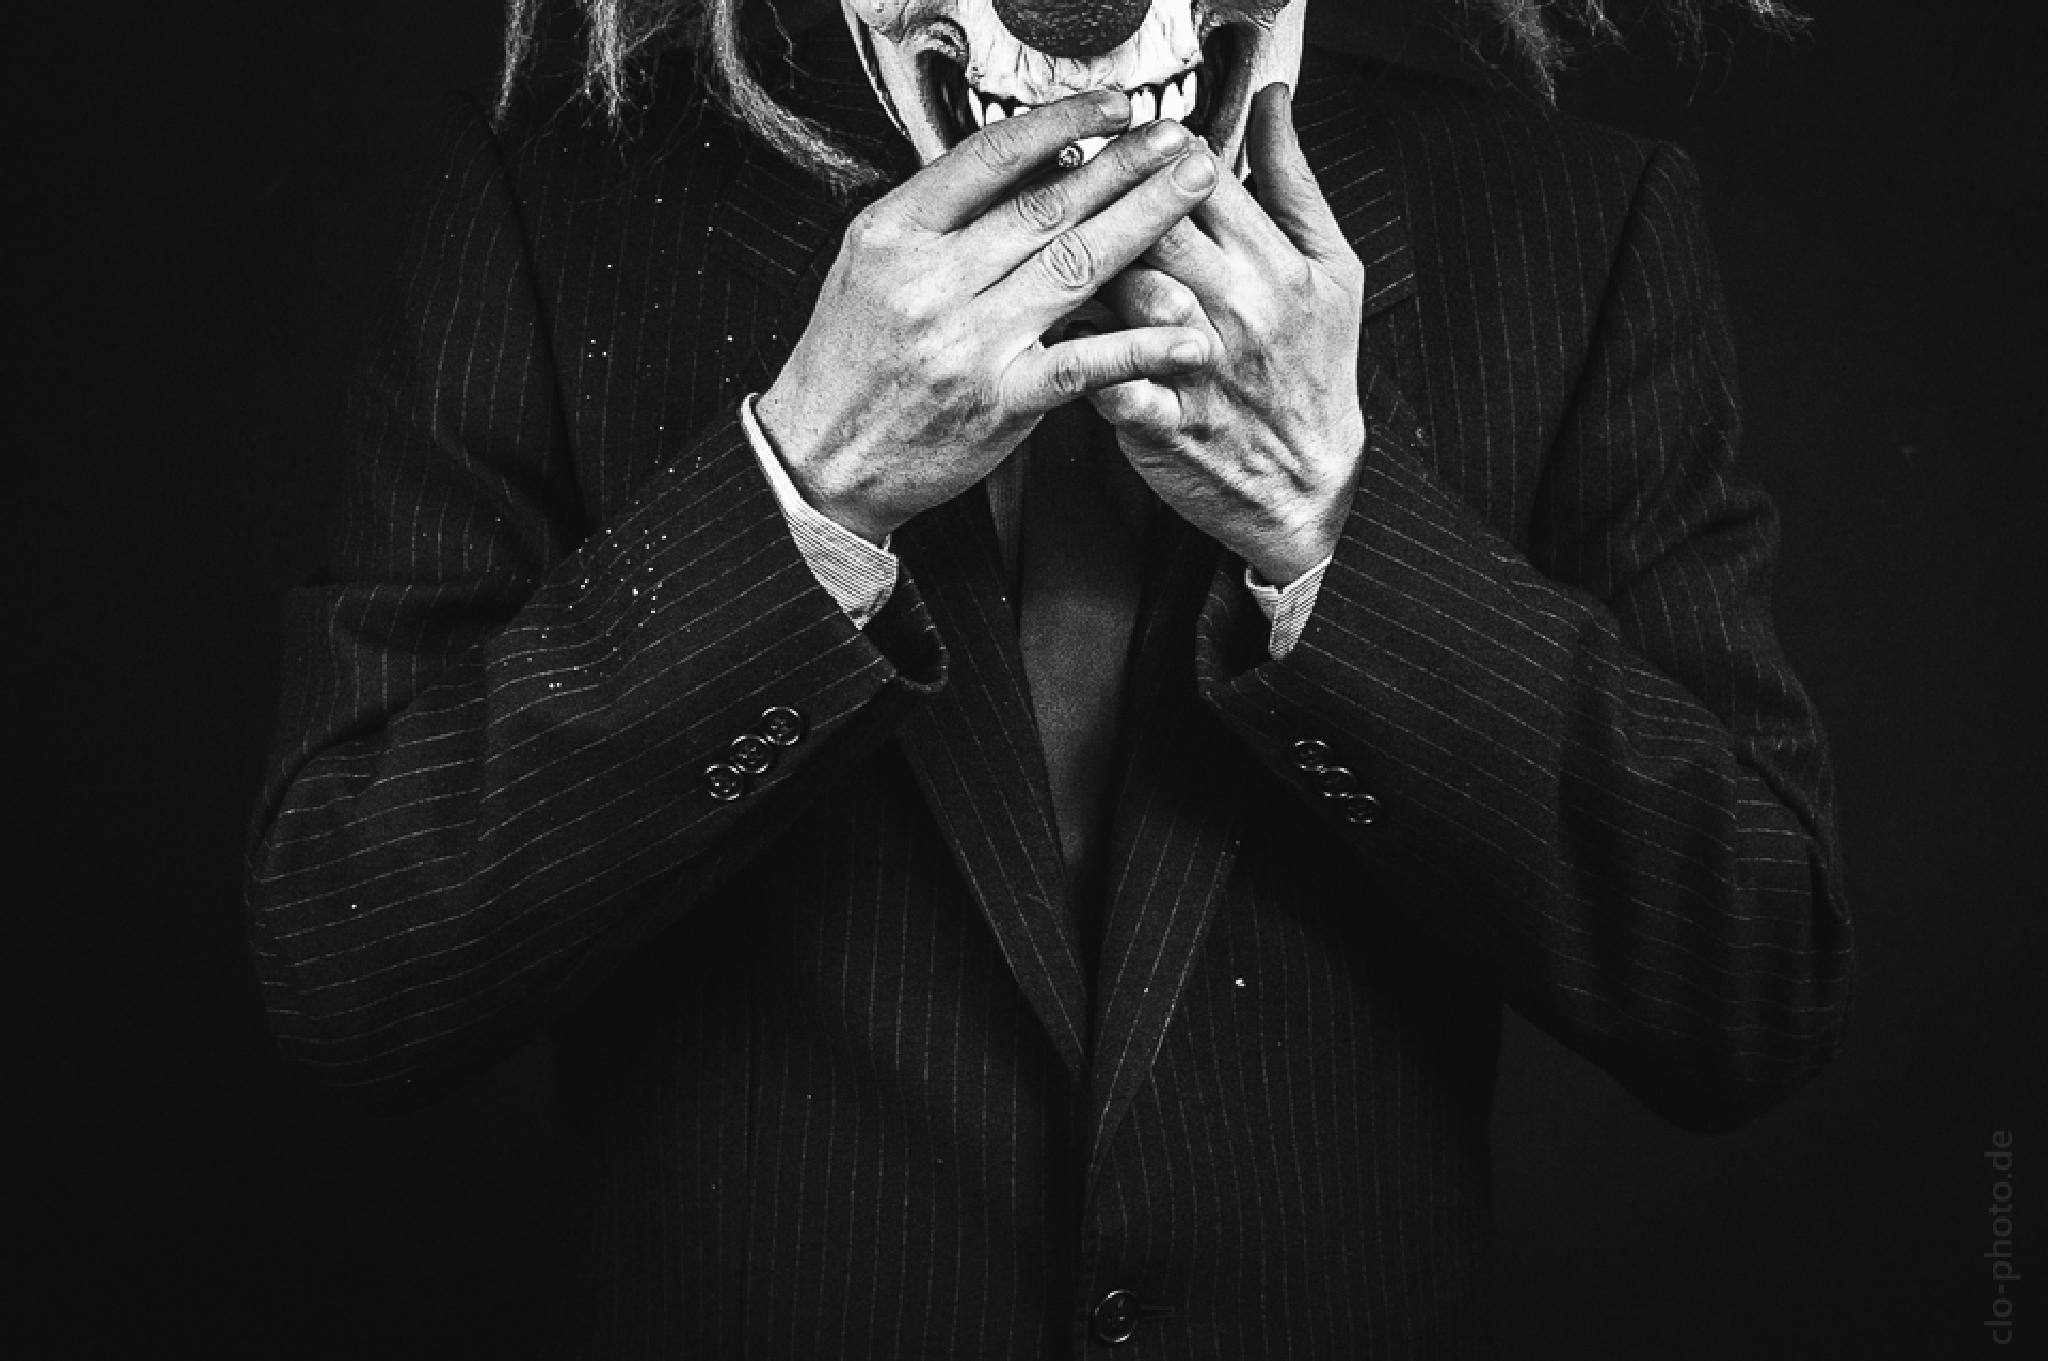 smoking clown by chutsao